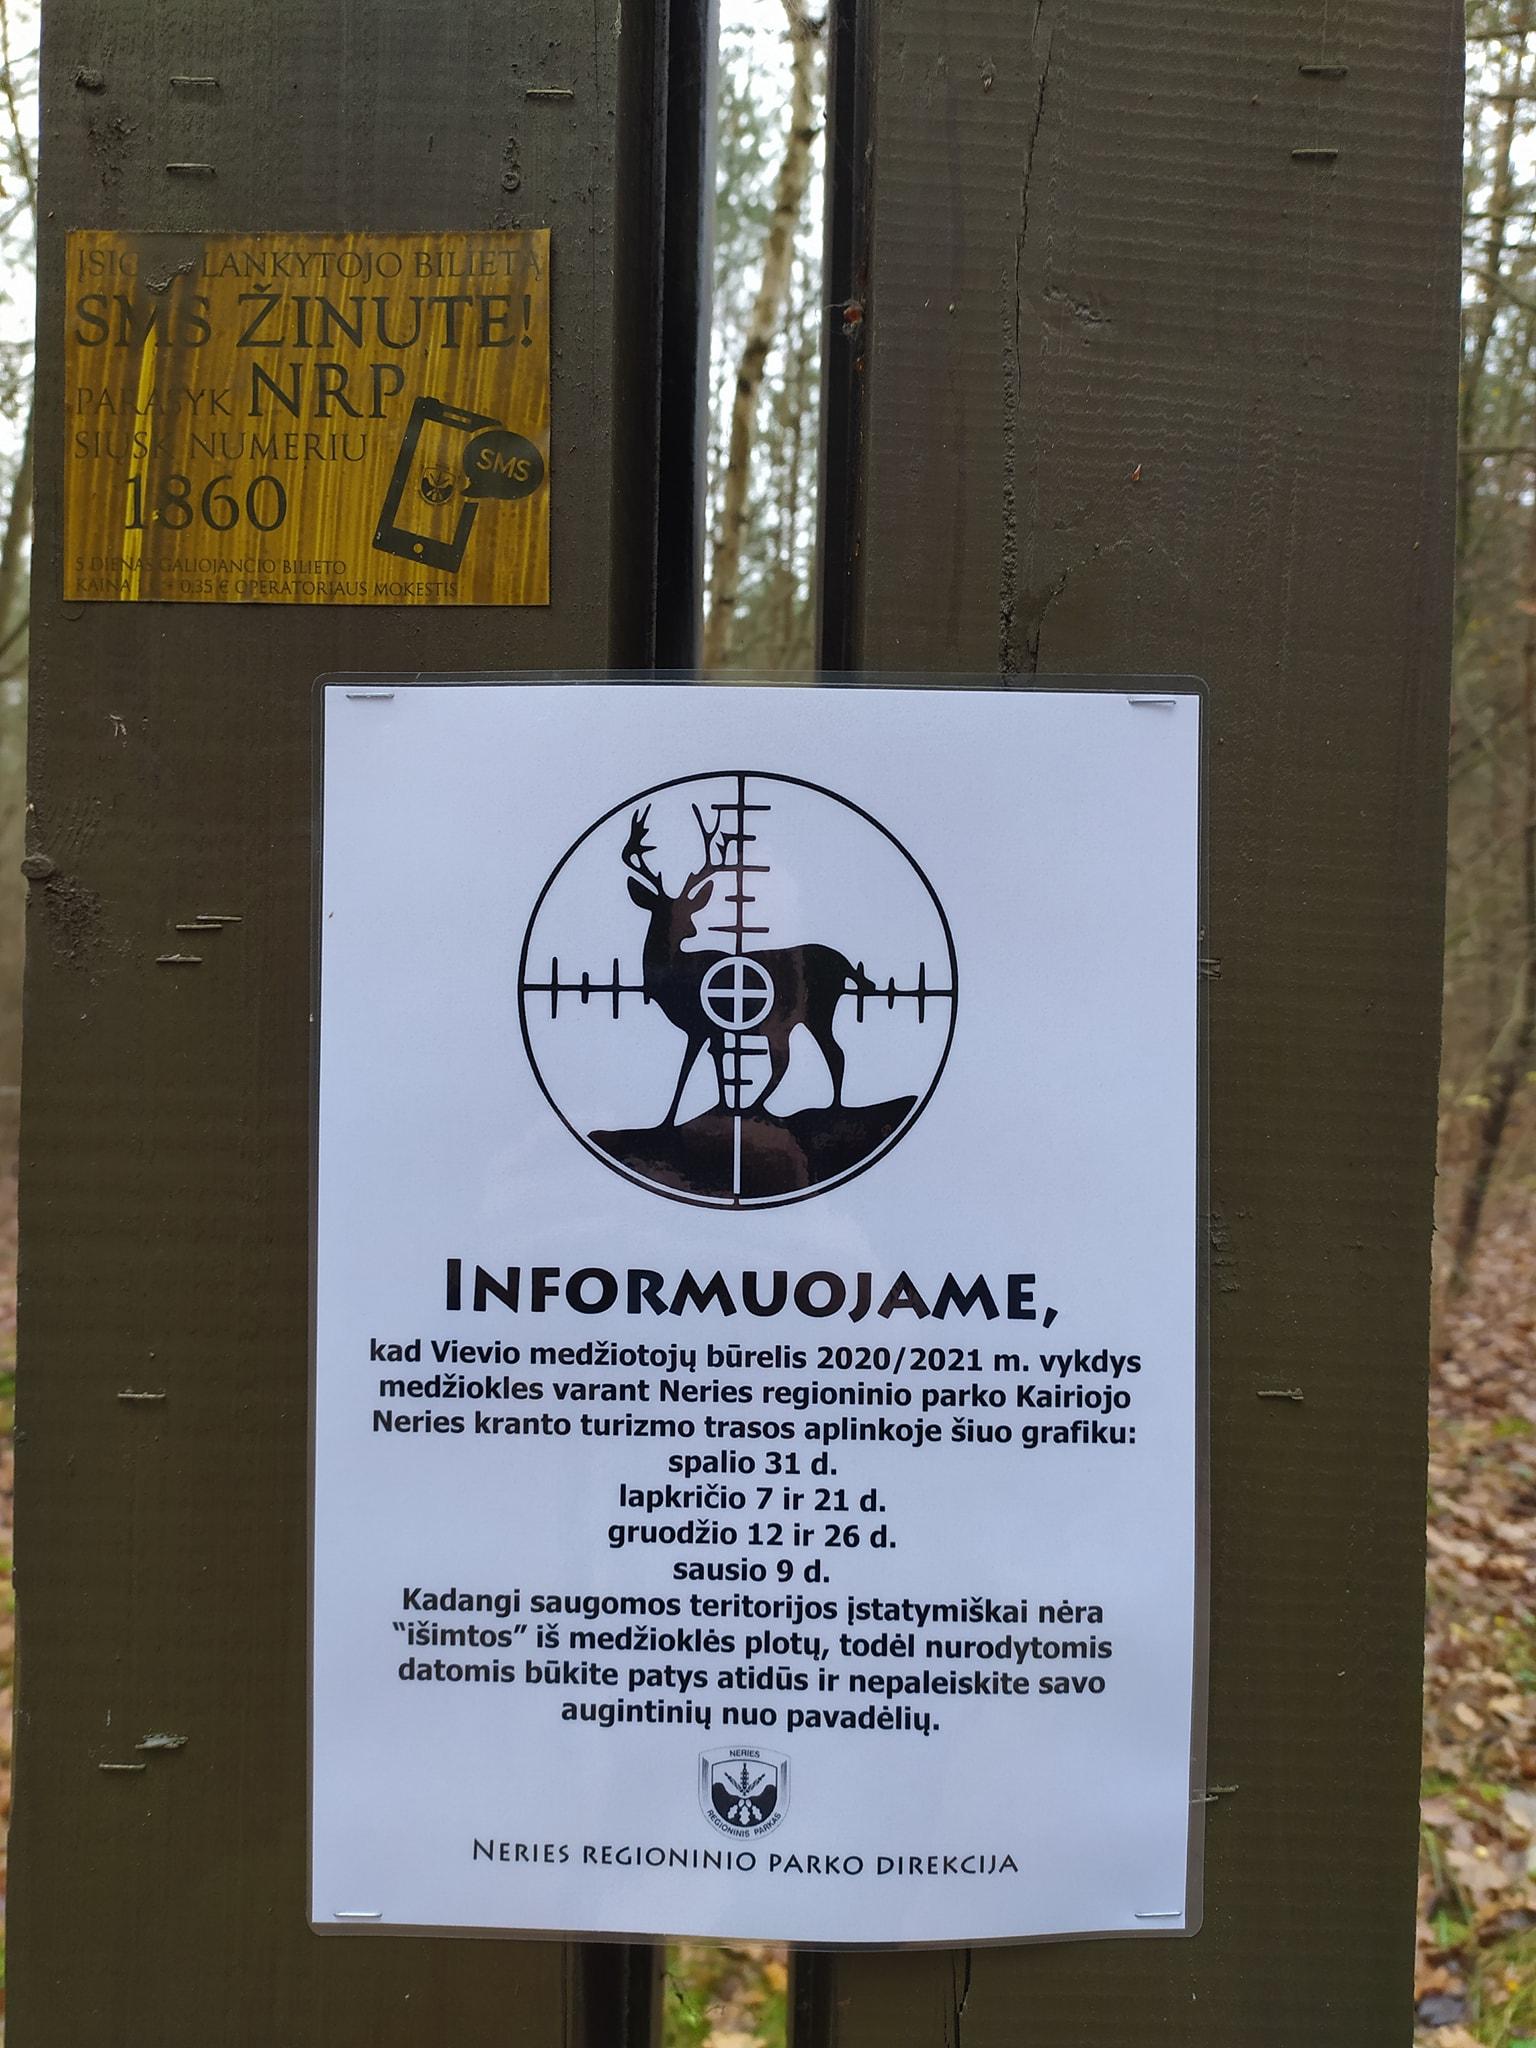 Papiktino medžioklė regioniniame parke